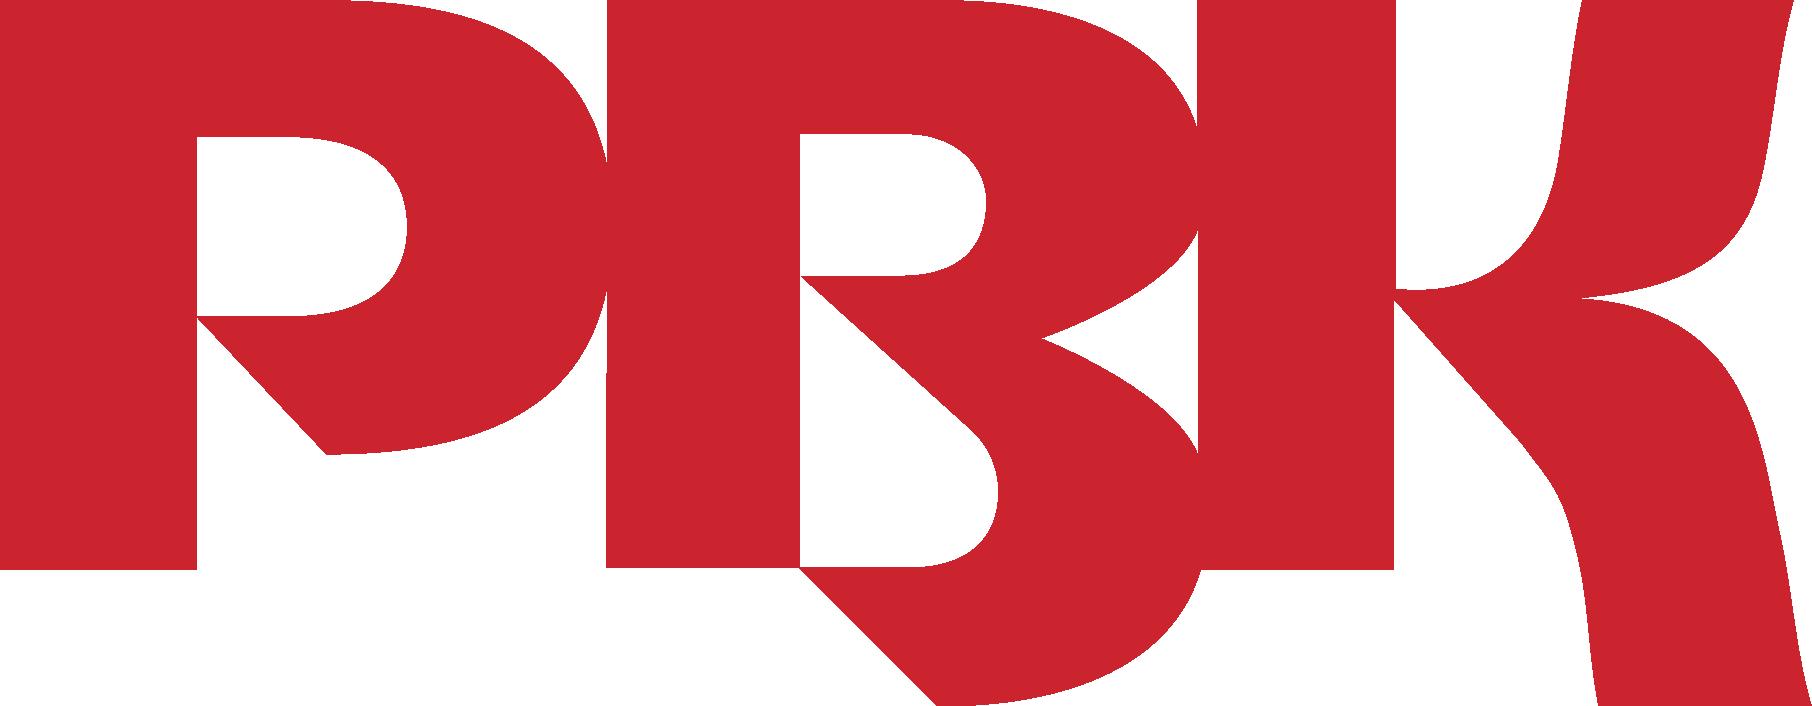 PBK Architects logo